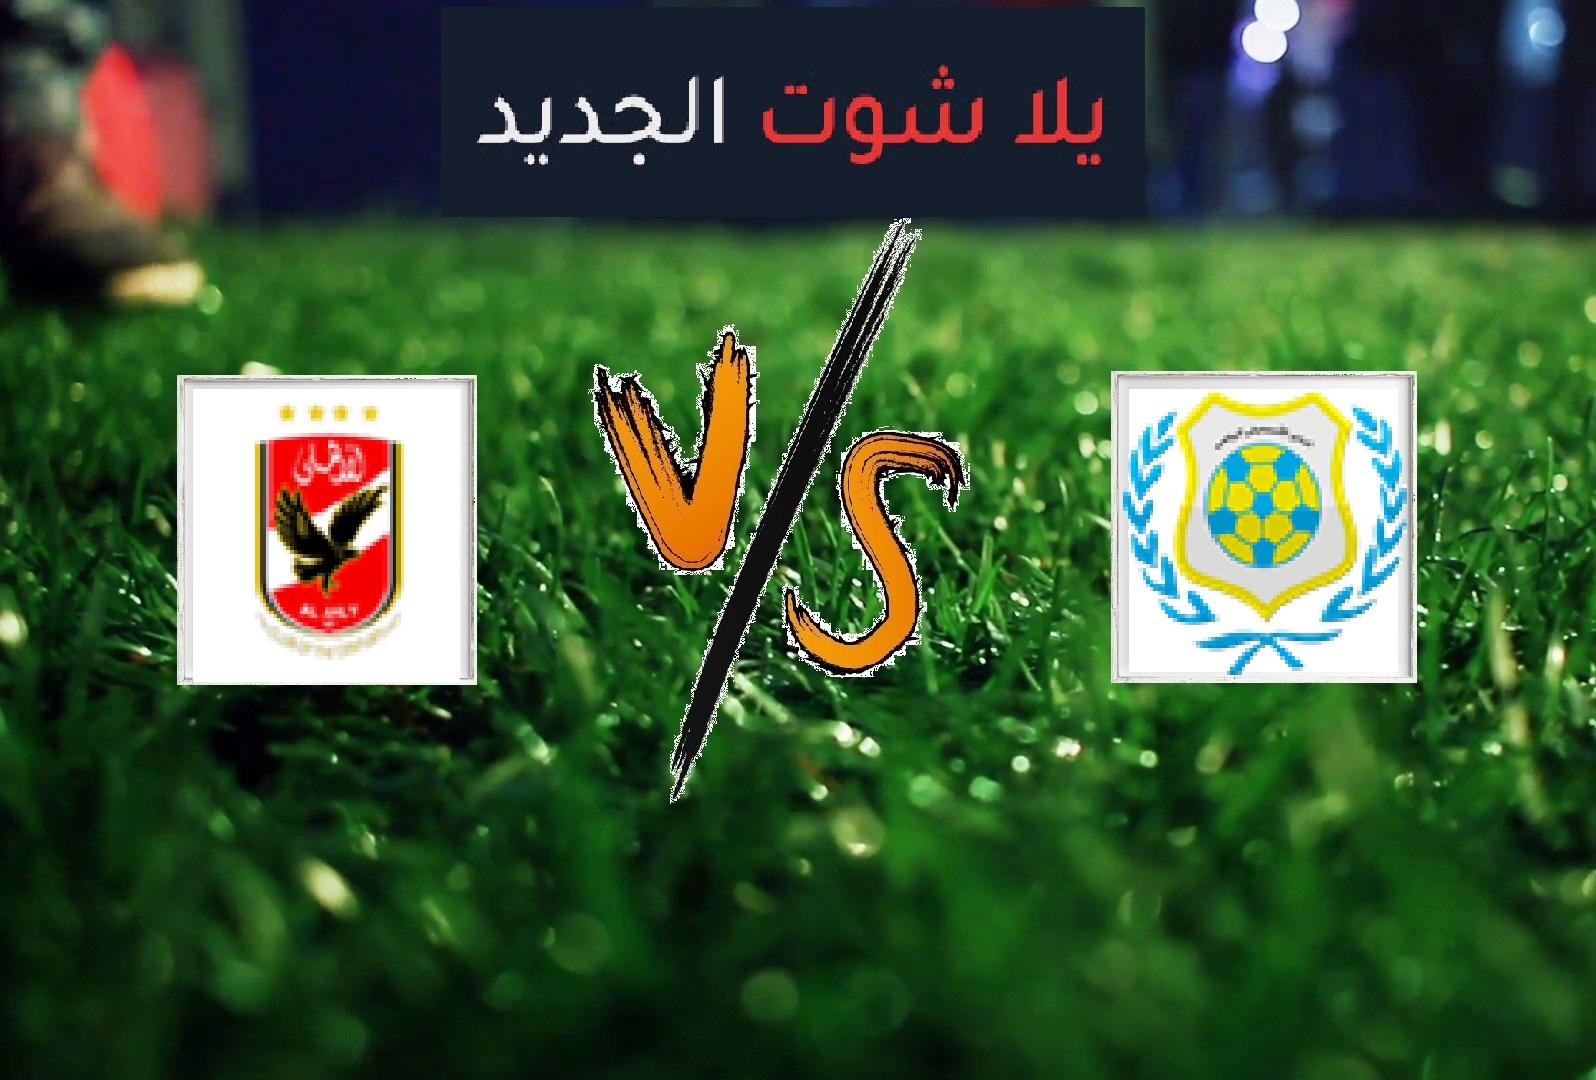 نتيجة مباراة الاهلي والاسماعيلي اليوم الجمعة بتاريخ 11-09-2020 الدوري المصري